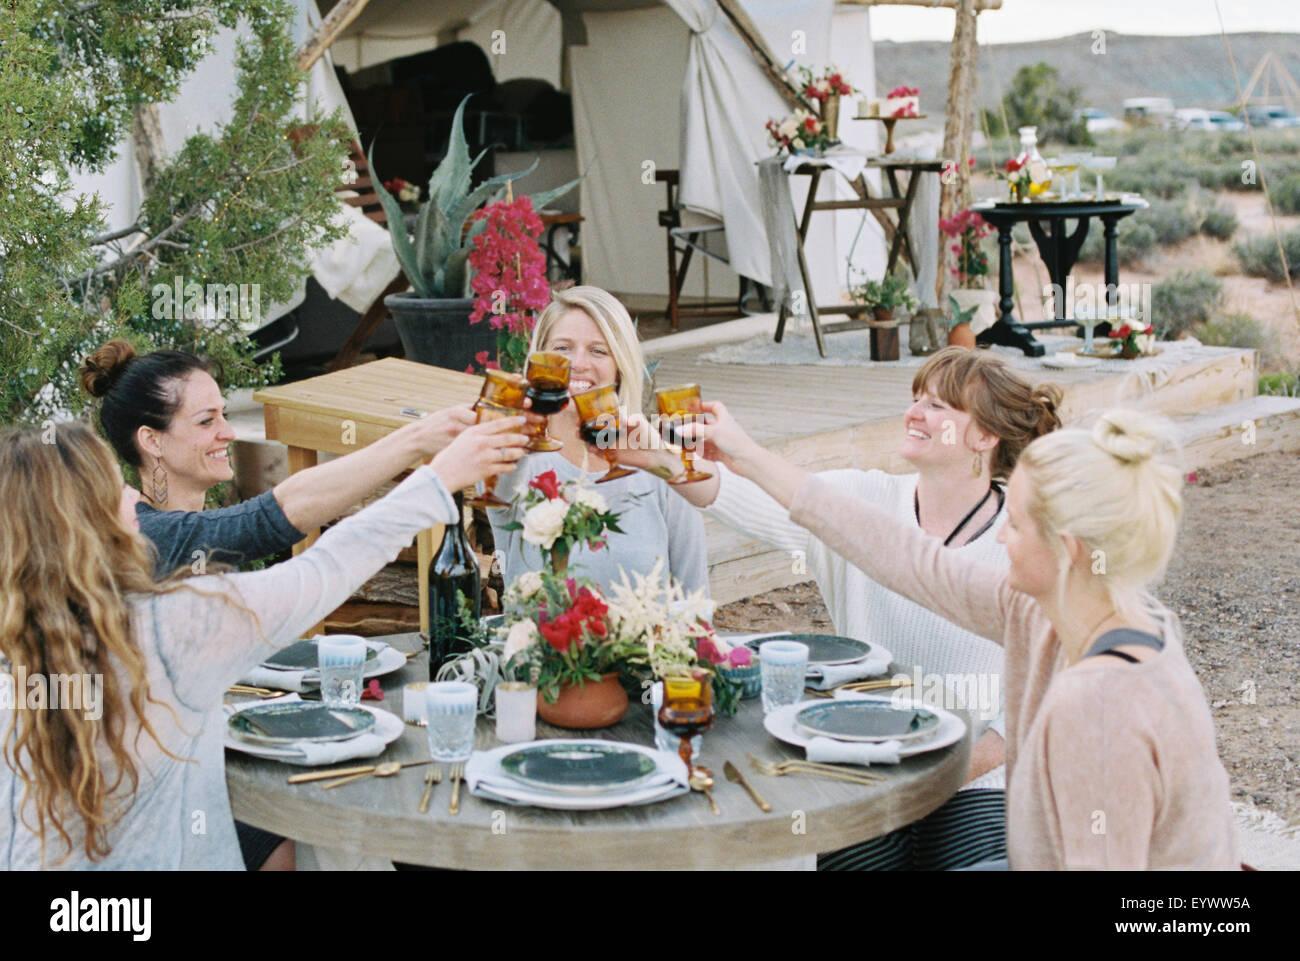 Un grupo de mujeres disfrutando de una comida al aire libre en una gran carpa, en un paisaje desértico, hacer Imagen De Stock